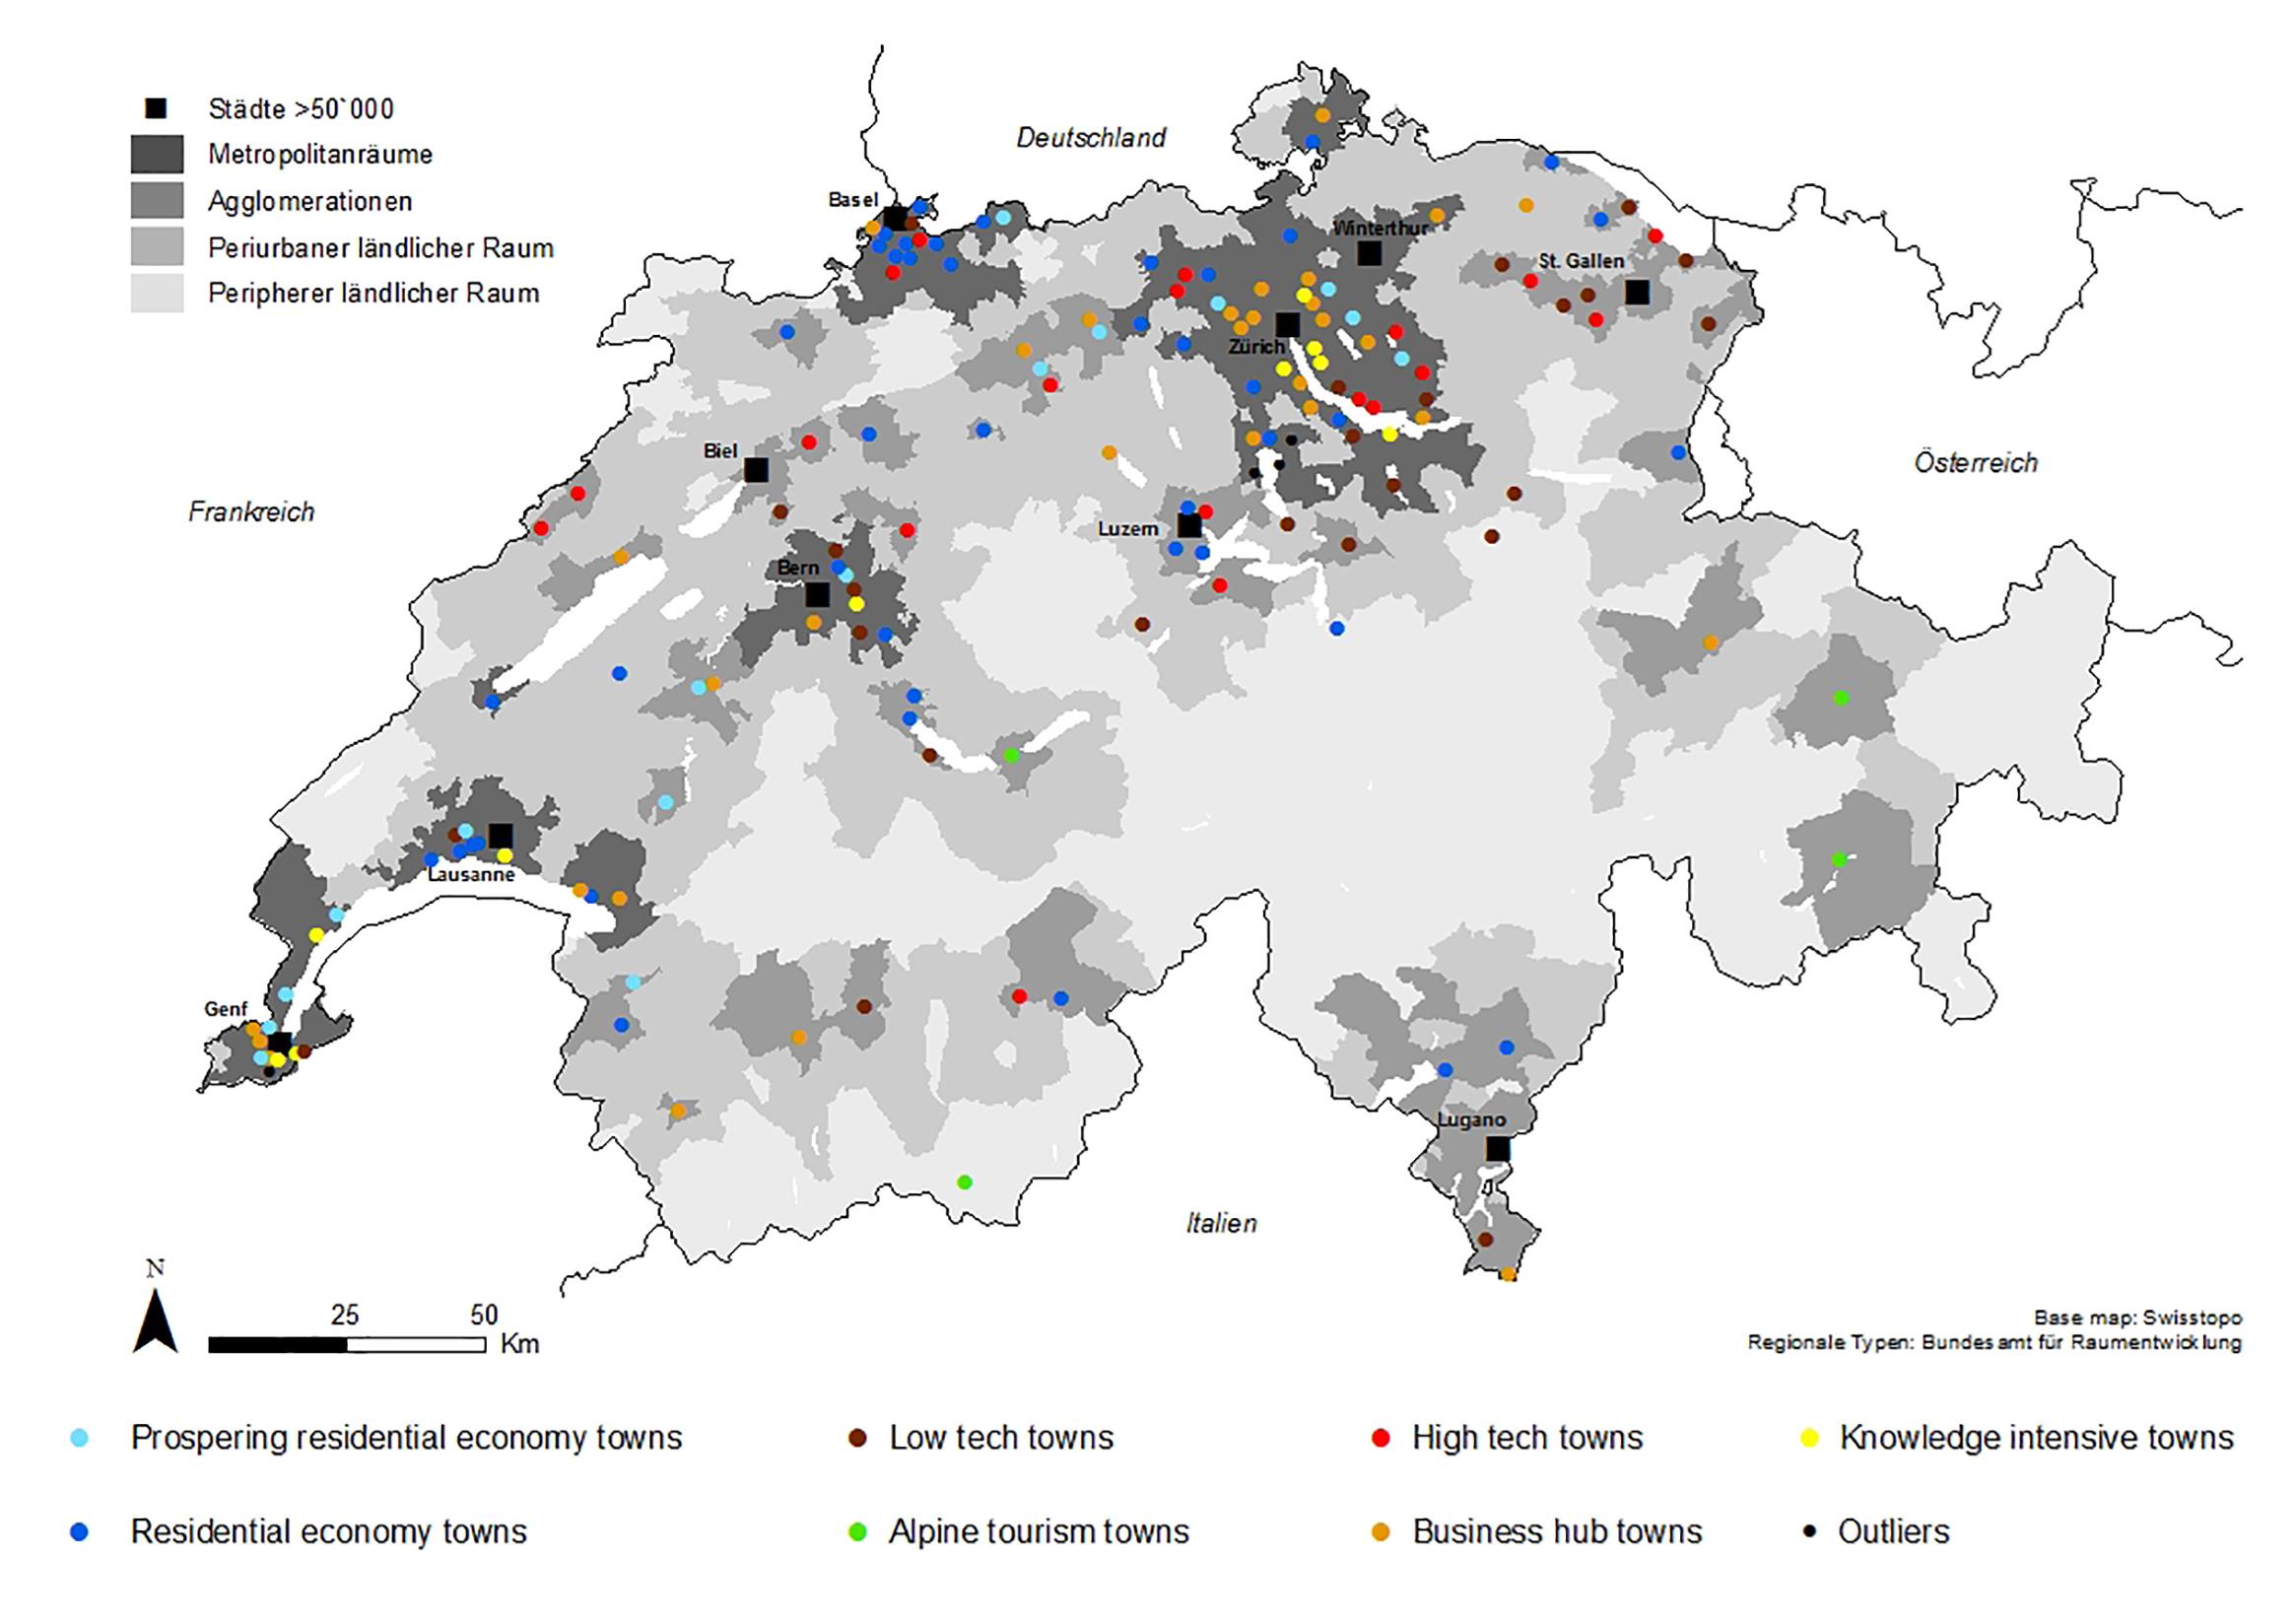 Die 152 kleinen und mittelgrossen Städte (SMSTs) der Schweiz wurden mittels einer Clusteranalyse in sieben Typen eingeteilt. Ausschlaggebend dafür war die dominierende wirtschaftliche Charakteristik. Auf der Karte hat jeder Typ eine eigene Farbe. Sie macht deutlich: Die Typologie ist von der Region unabhängig. © Schweizerischer Nationalfonds SNF